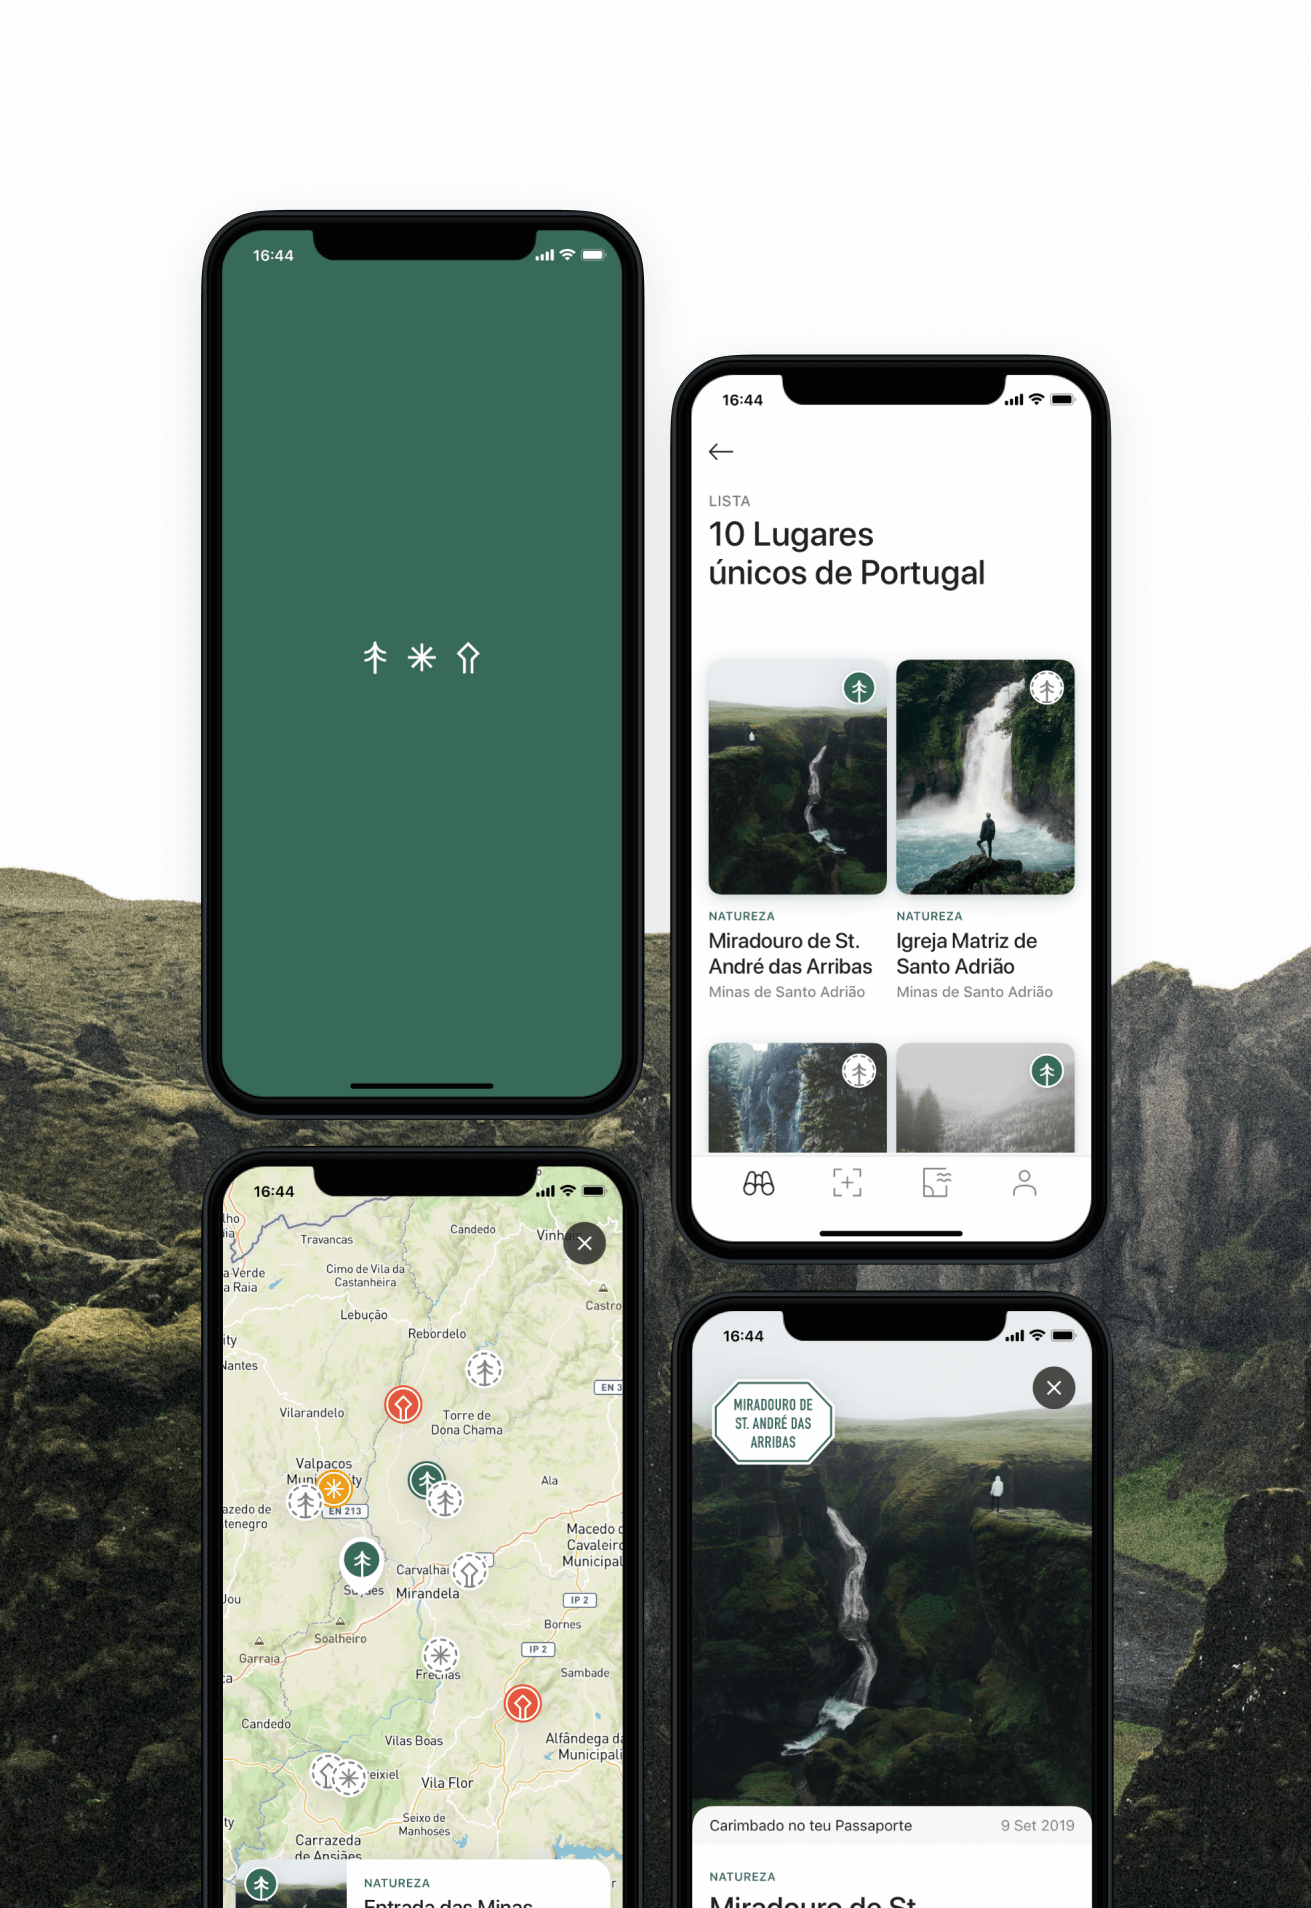 Passaporte Natura 2000 mobile app screens